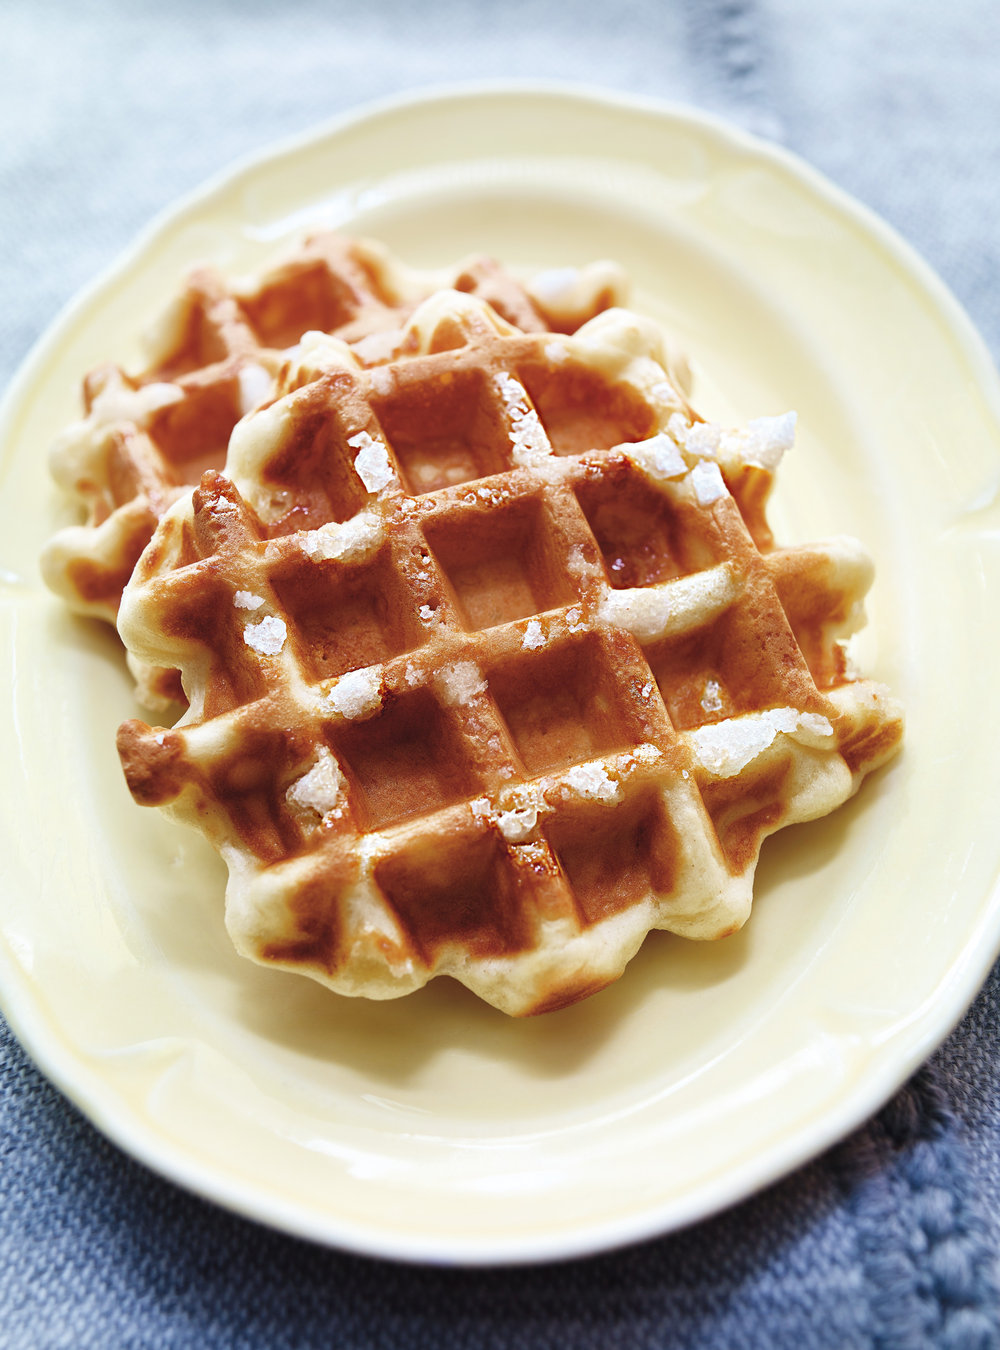 Recette gaufres au sucre sans levure toutes les recettes - Recette de gaufre sans beurre ...